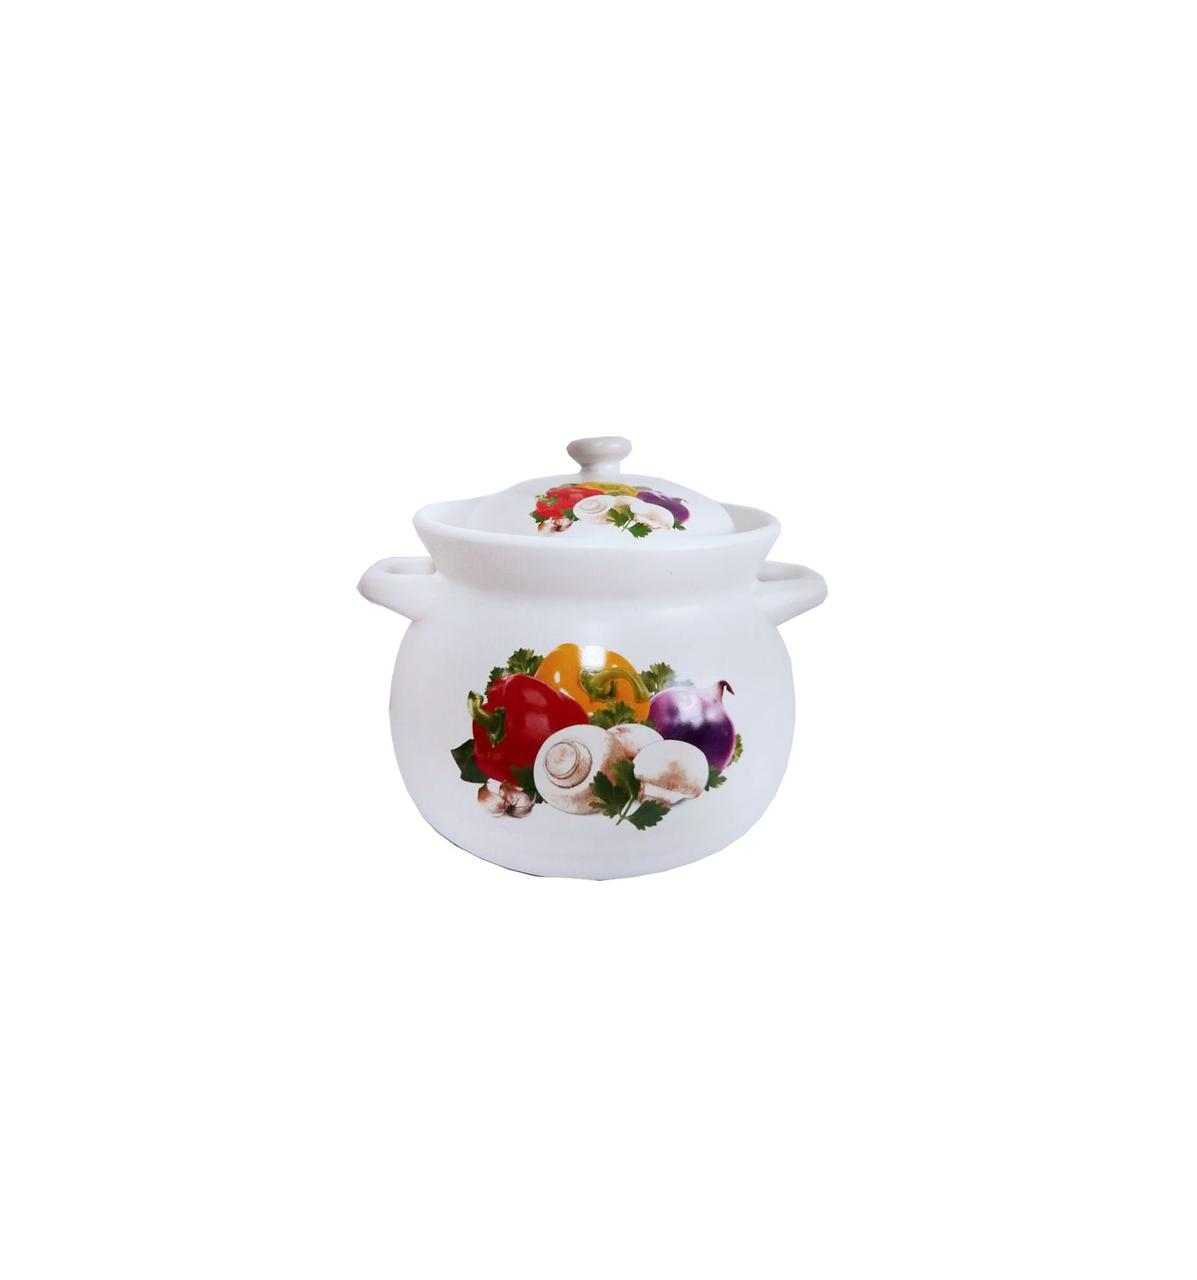 Кастрюля 2,75л керамическая Овощи KSH-2.75 VG Interos